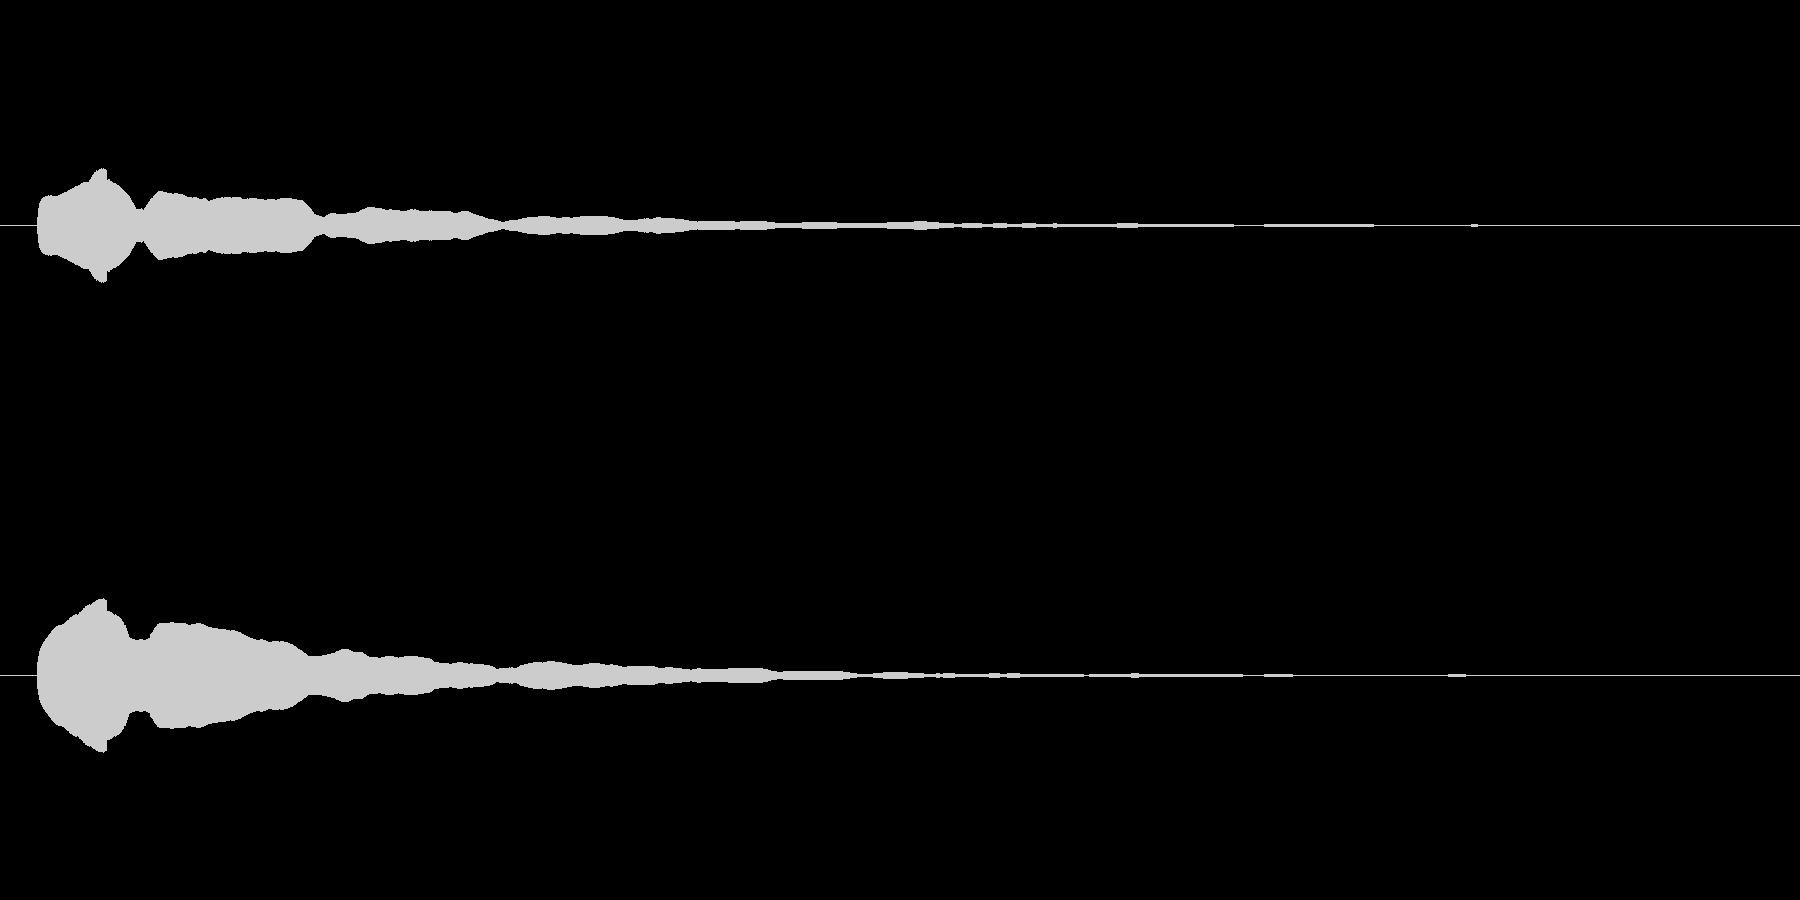 電子音「ポーン」という高い音の未再生の波形